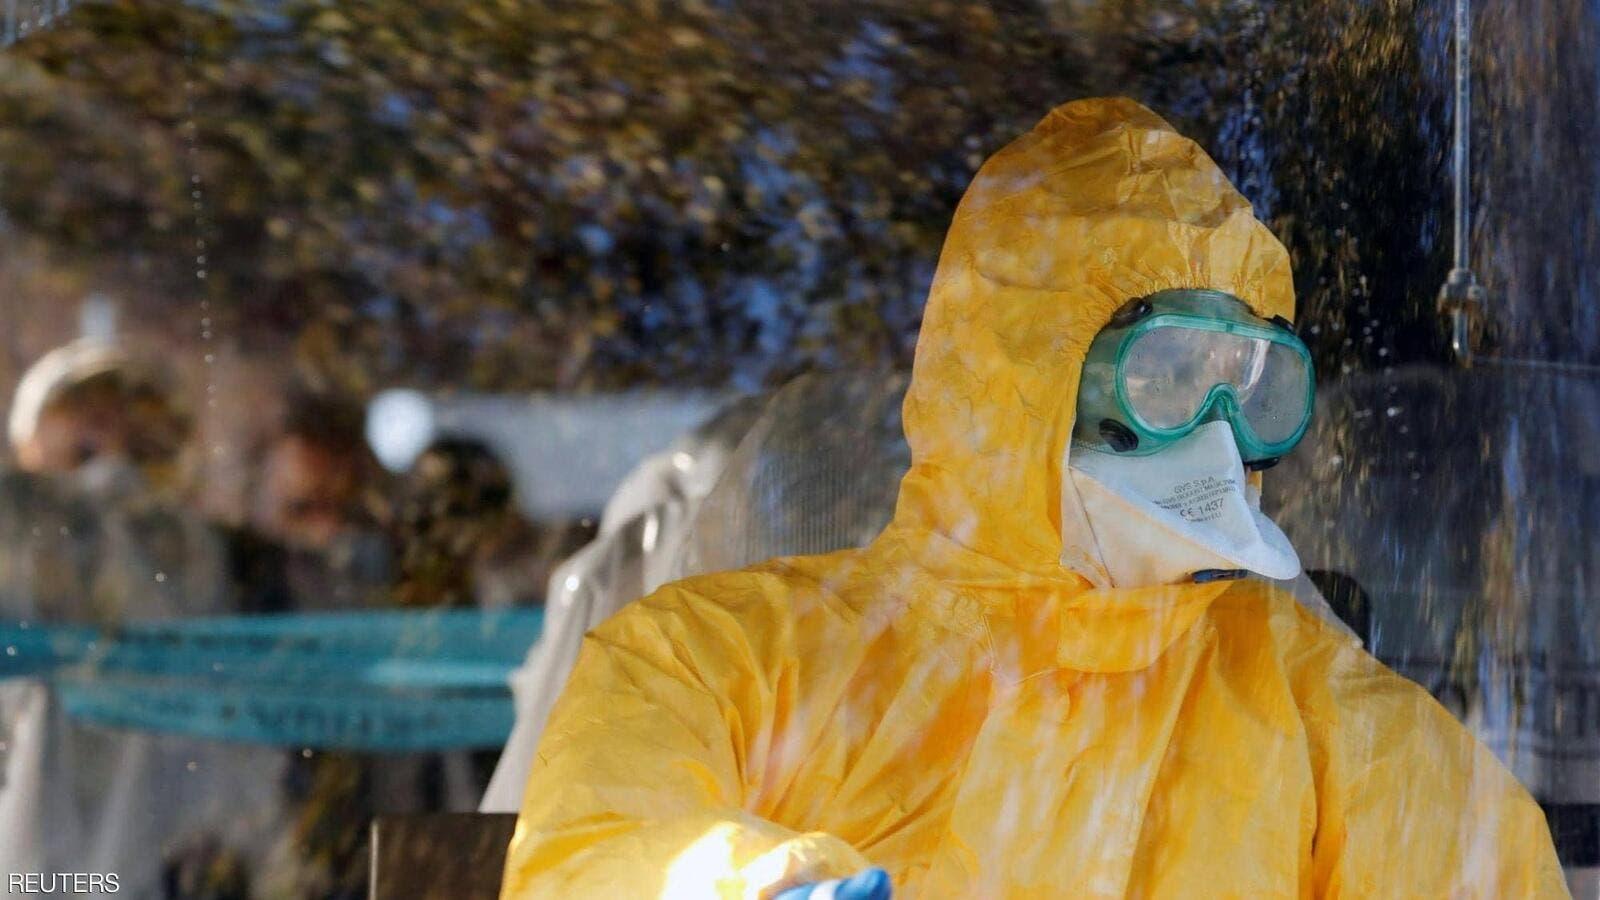 الكونغرس الأمريكي يبحث إجراءات إضافية لمواجهة تفشي فيروس كورونا